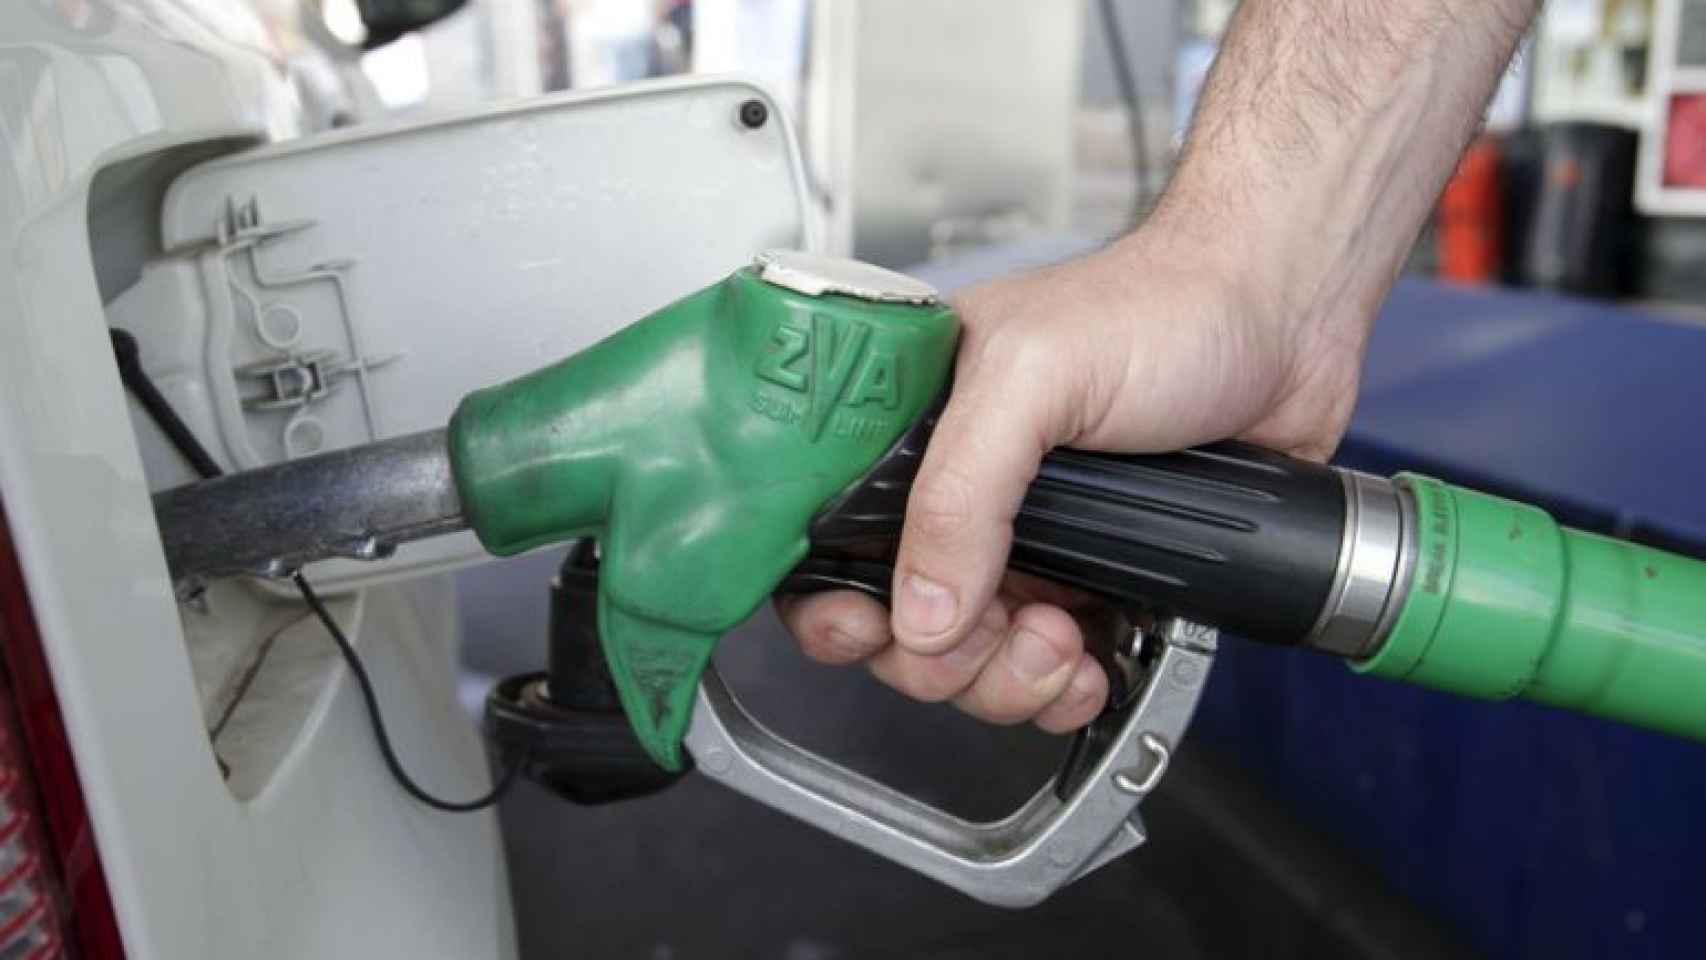 Varias compañías están siendo investigadas por pactar el precio de la gasolina.